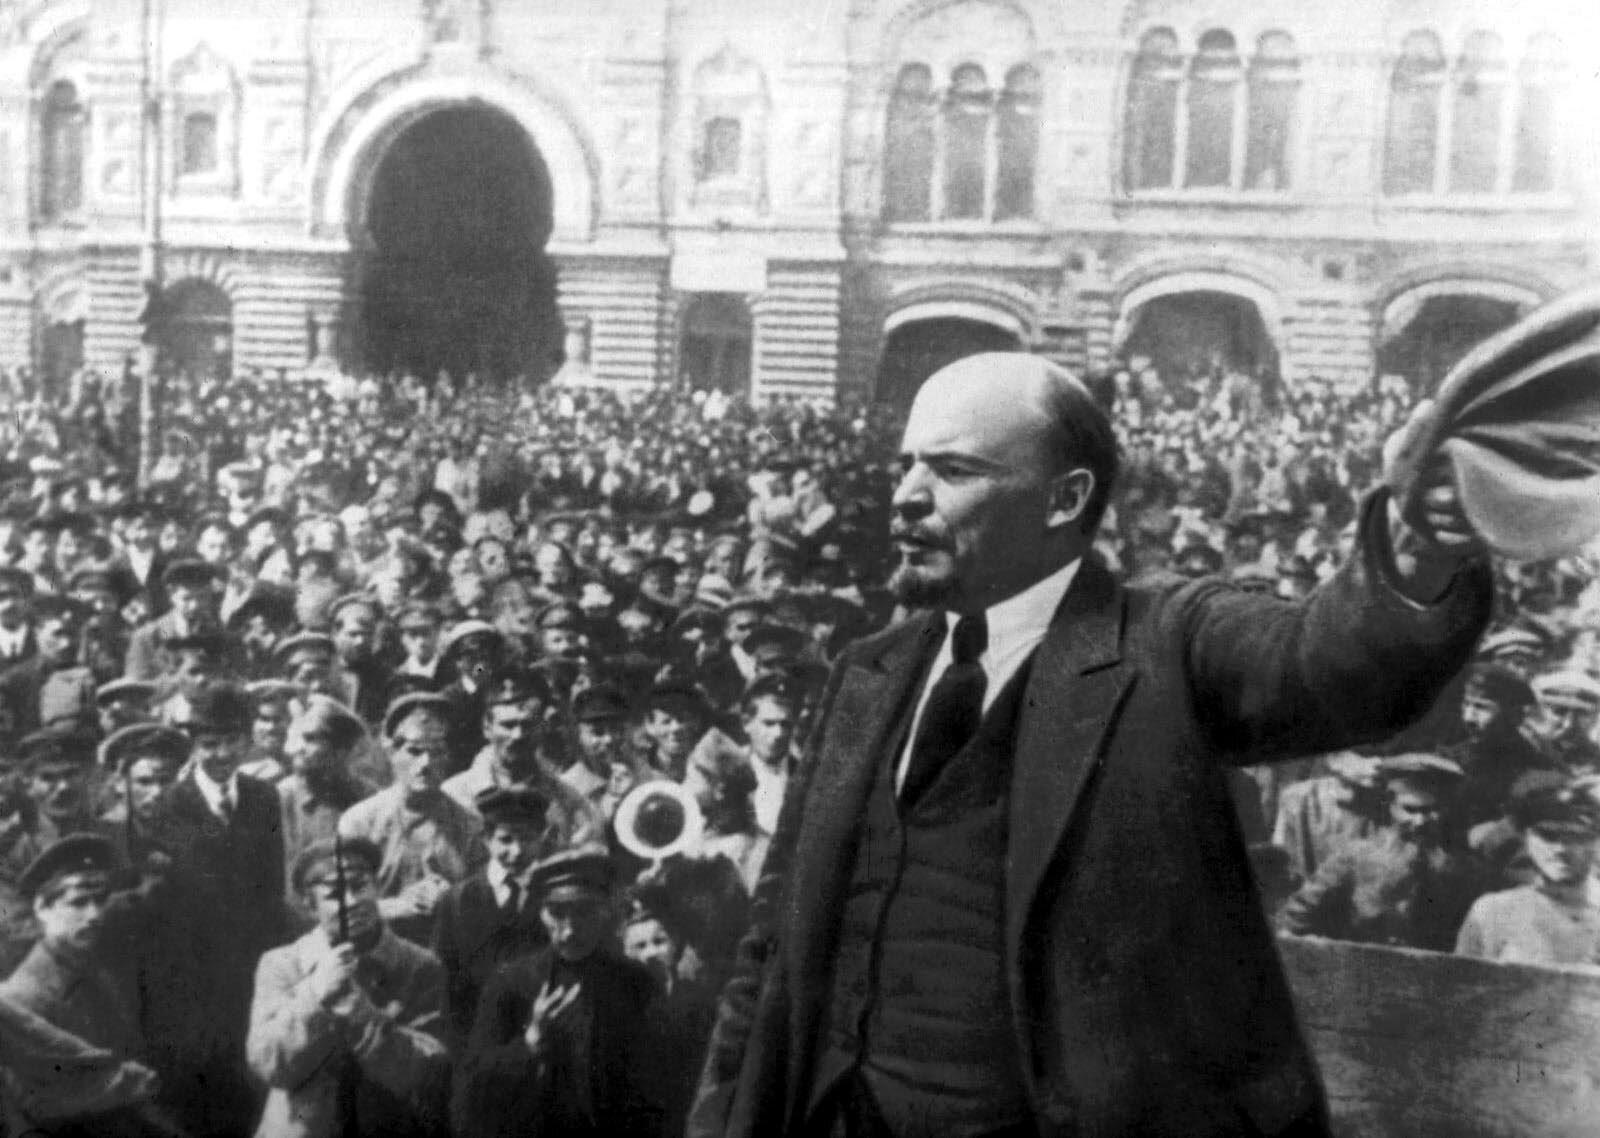 İngiltere ve Fransa, Çanakkale'yi geçemediği için müttefiki Çarlık Rusya'ya yardım edememiş ve Rusya'da koskoca bir rejim son buldu.